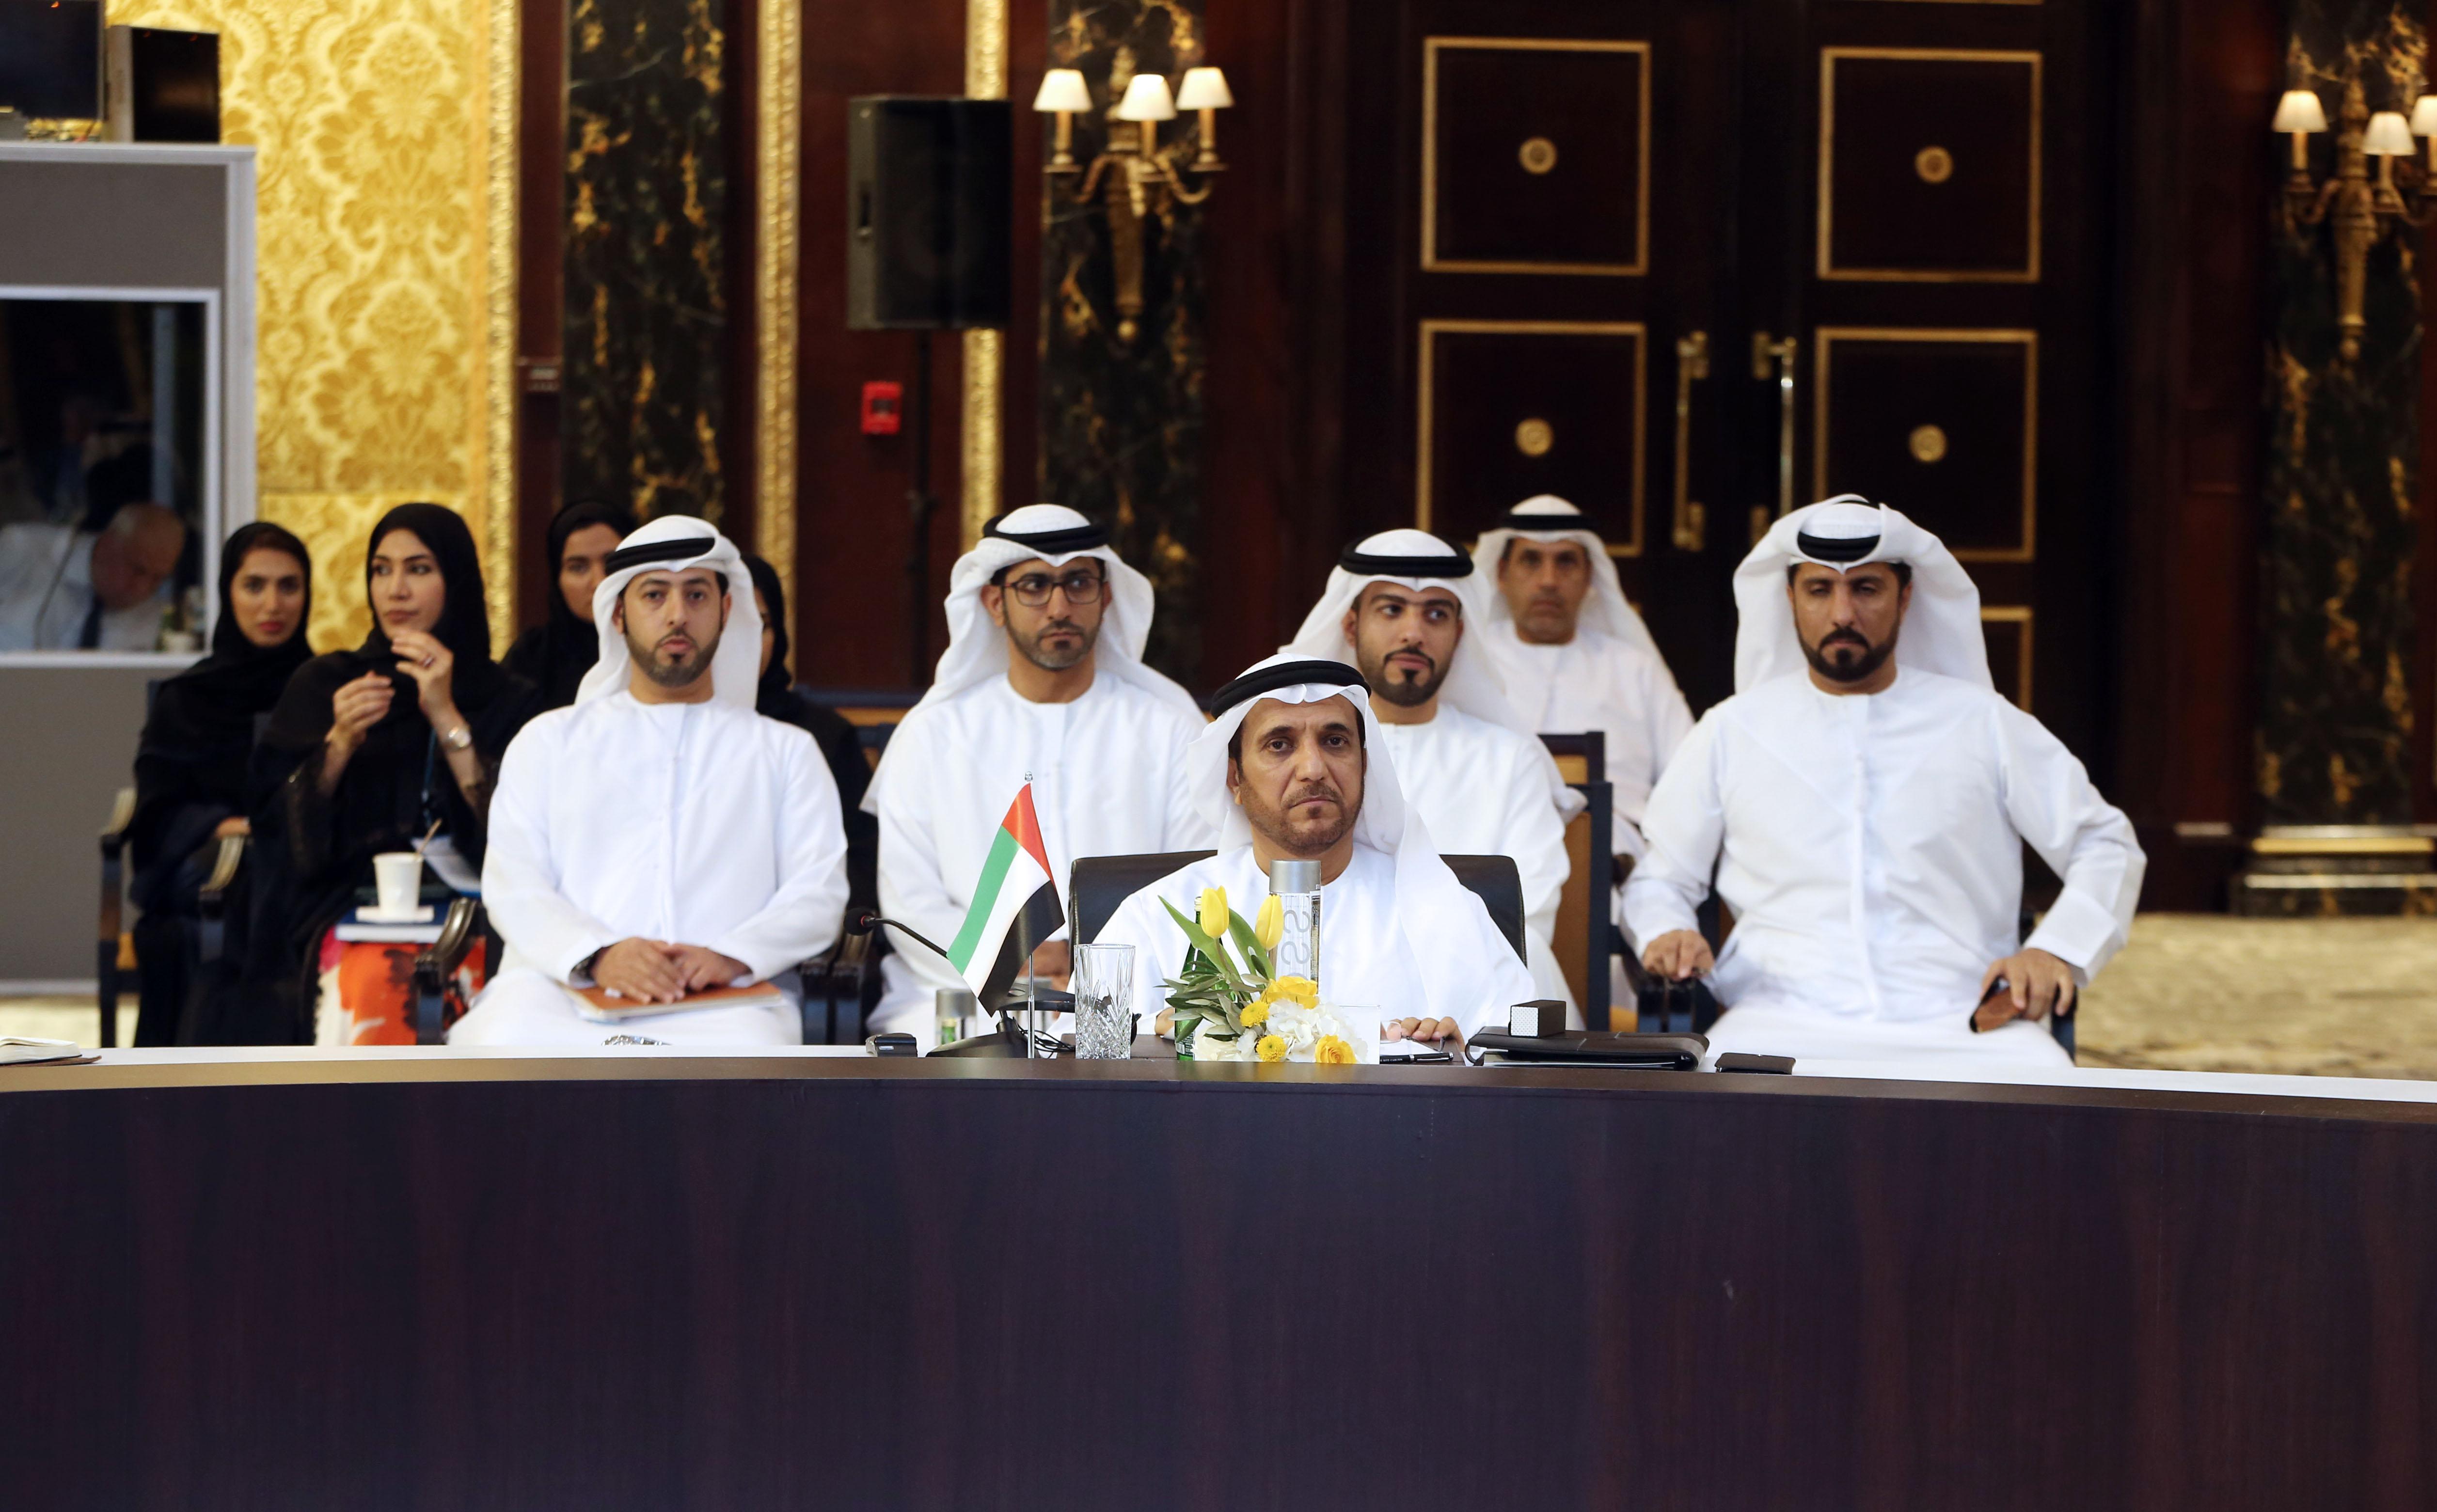 الإمارات تشارك في اجتماعات المنتدى الحكومي لمناقشة تحديات مكافحة جرائم الإتجار بالبشر